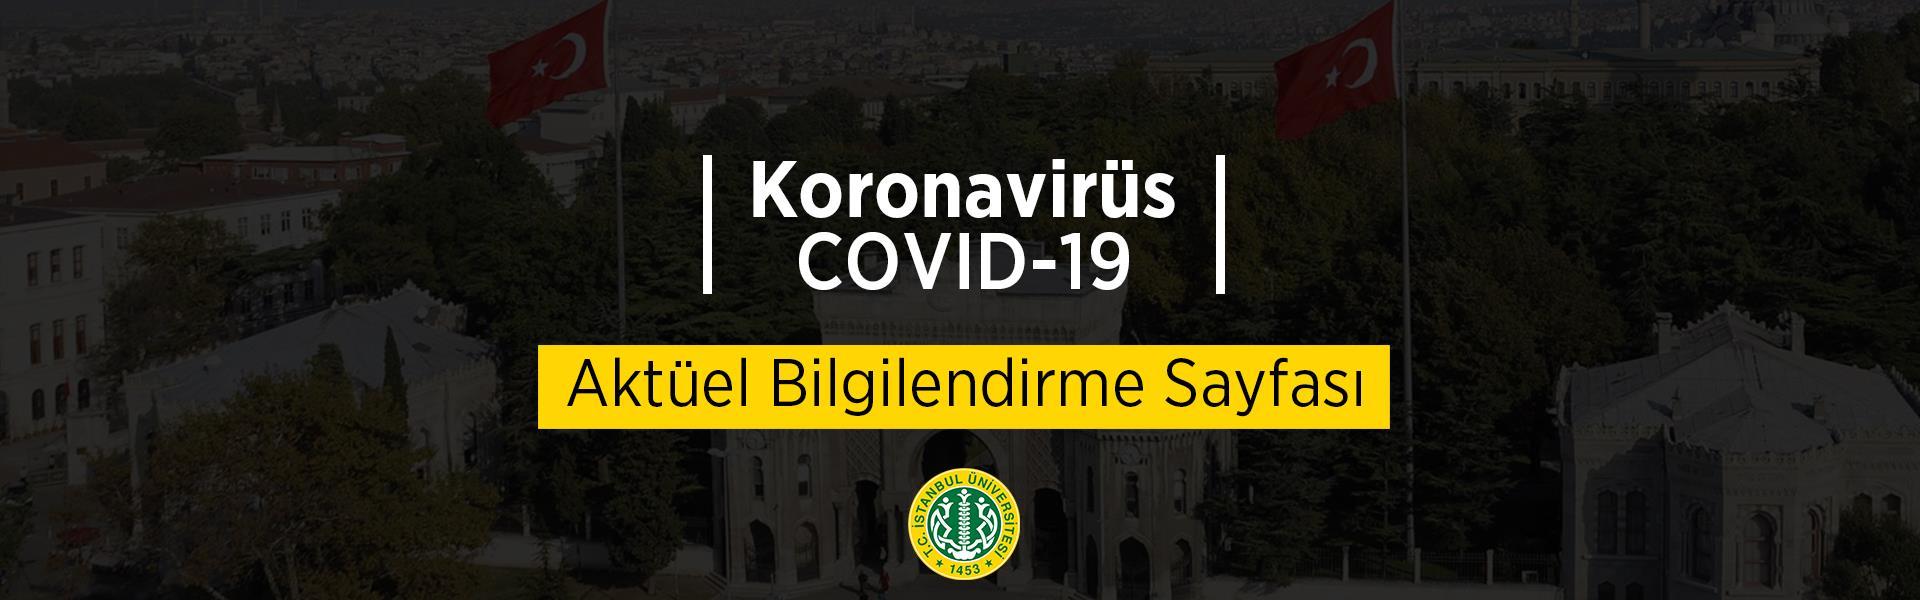 koronavirüs COVID-19 bilgilendirme